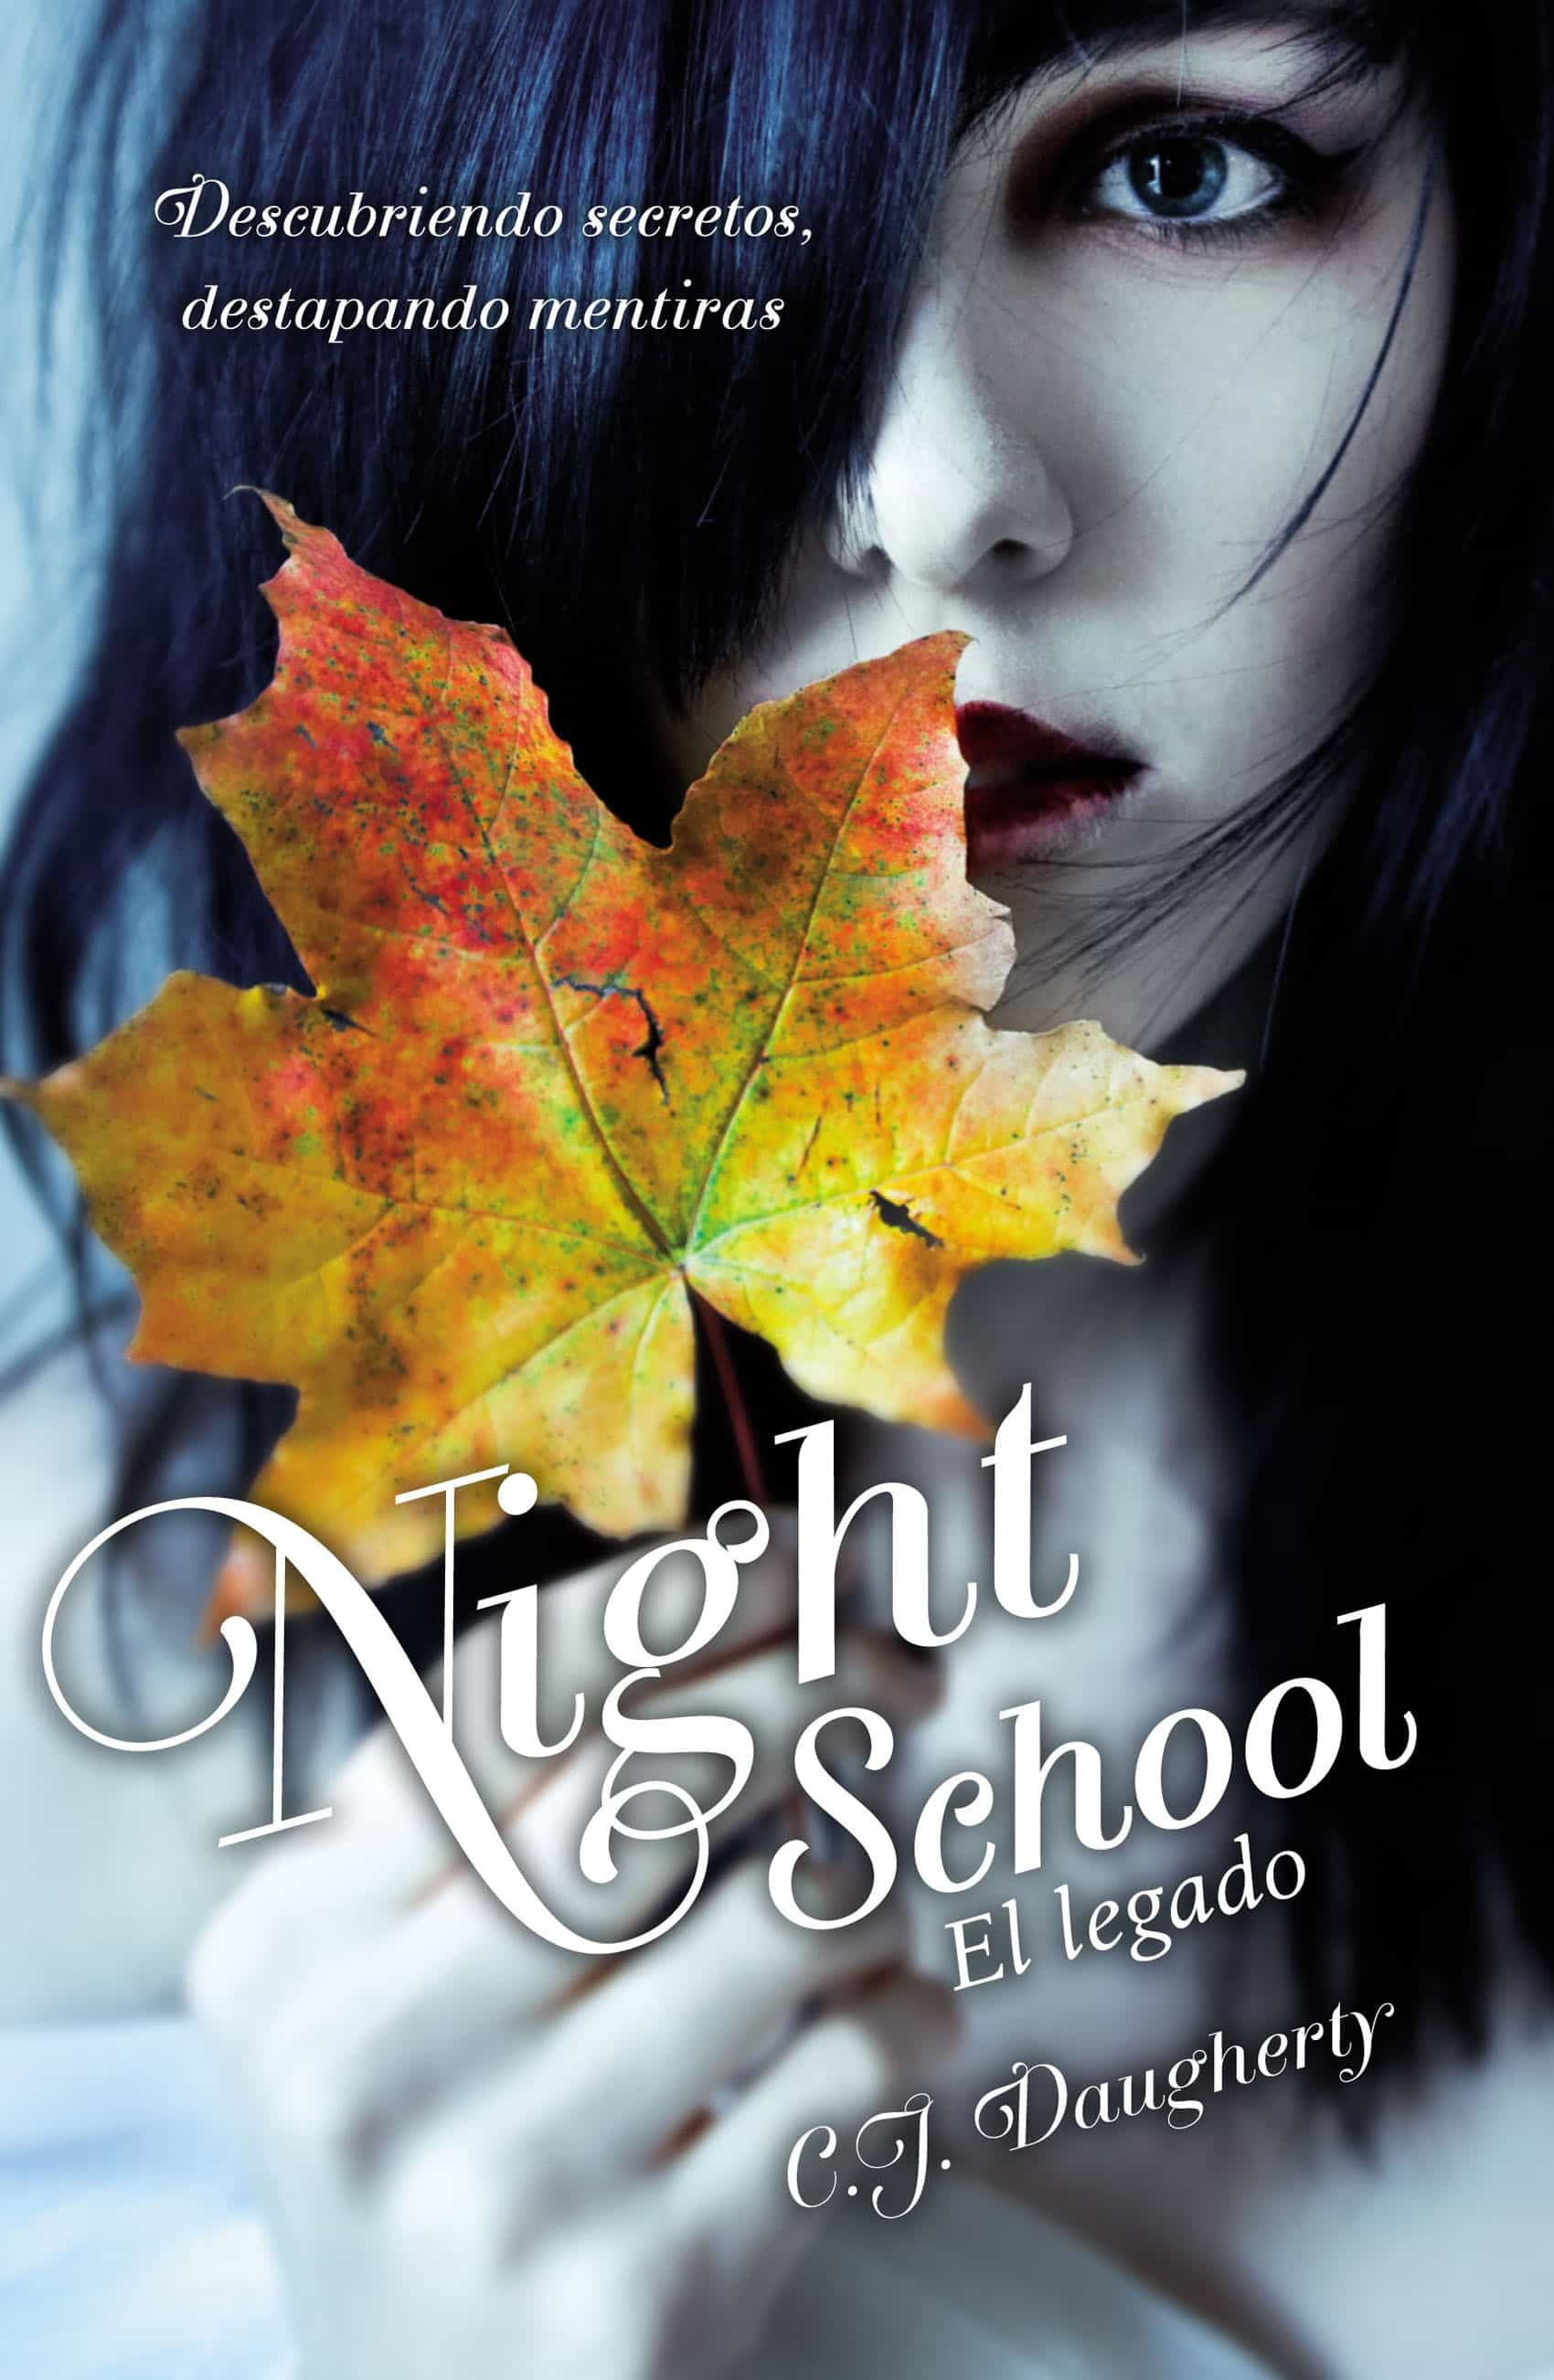 El Legado (night School 2) (ebook)cj Daugherty9788420414195